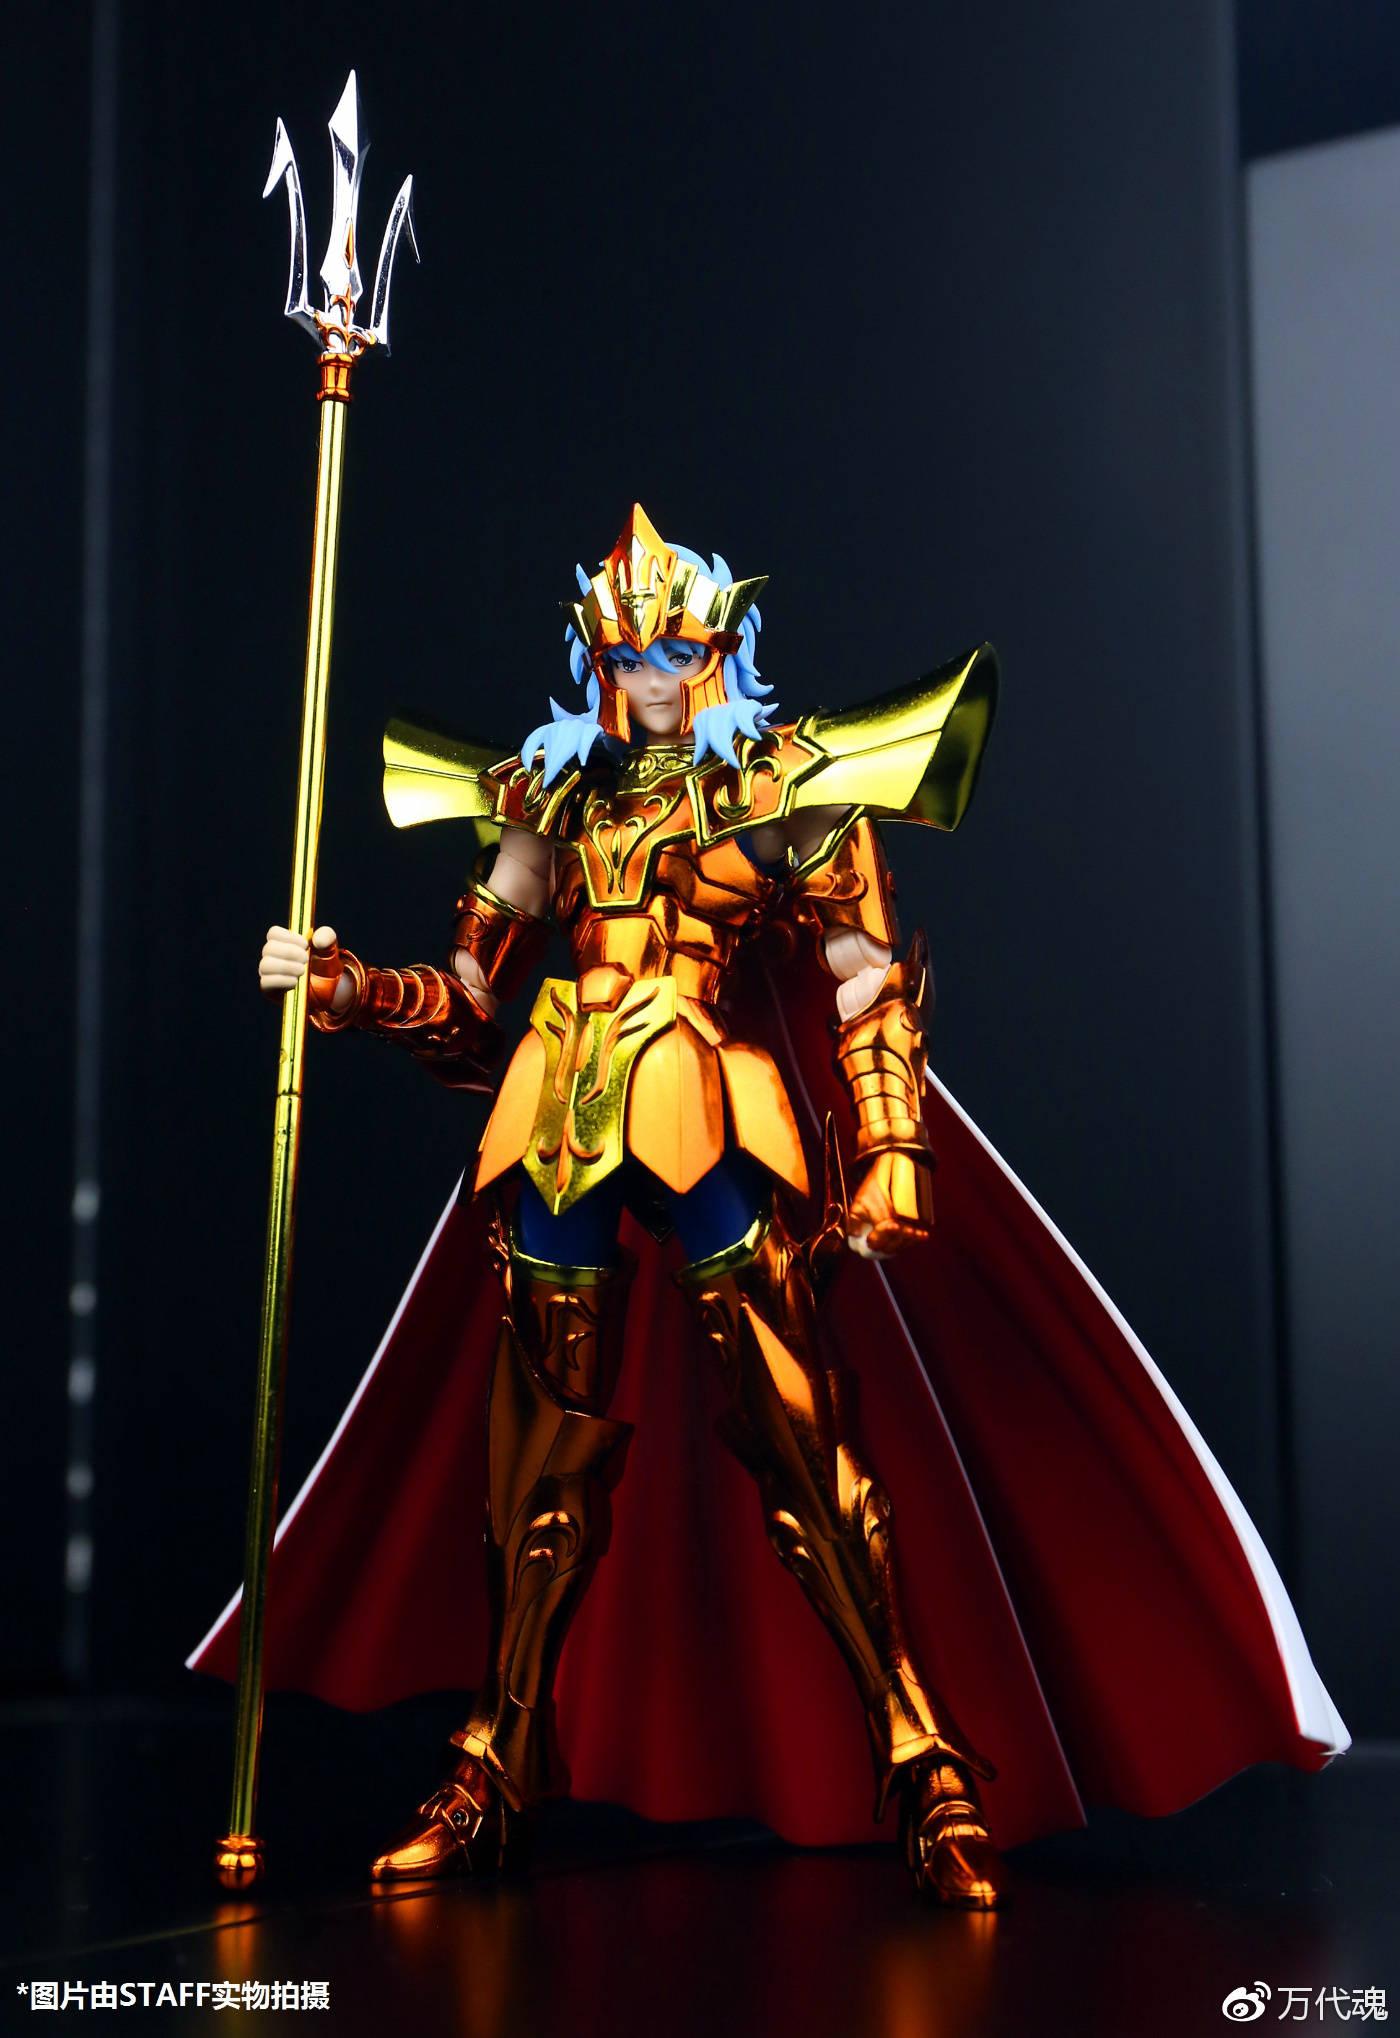 [Comentários] Saint Cloth Myth EX - Poseidon EX & Poseidon EX Imperial Throne Set - Página 2 Ykjc2y4v_o